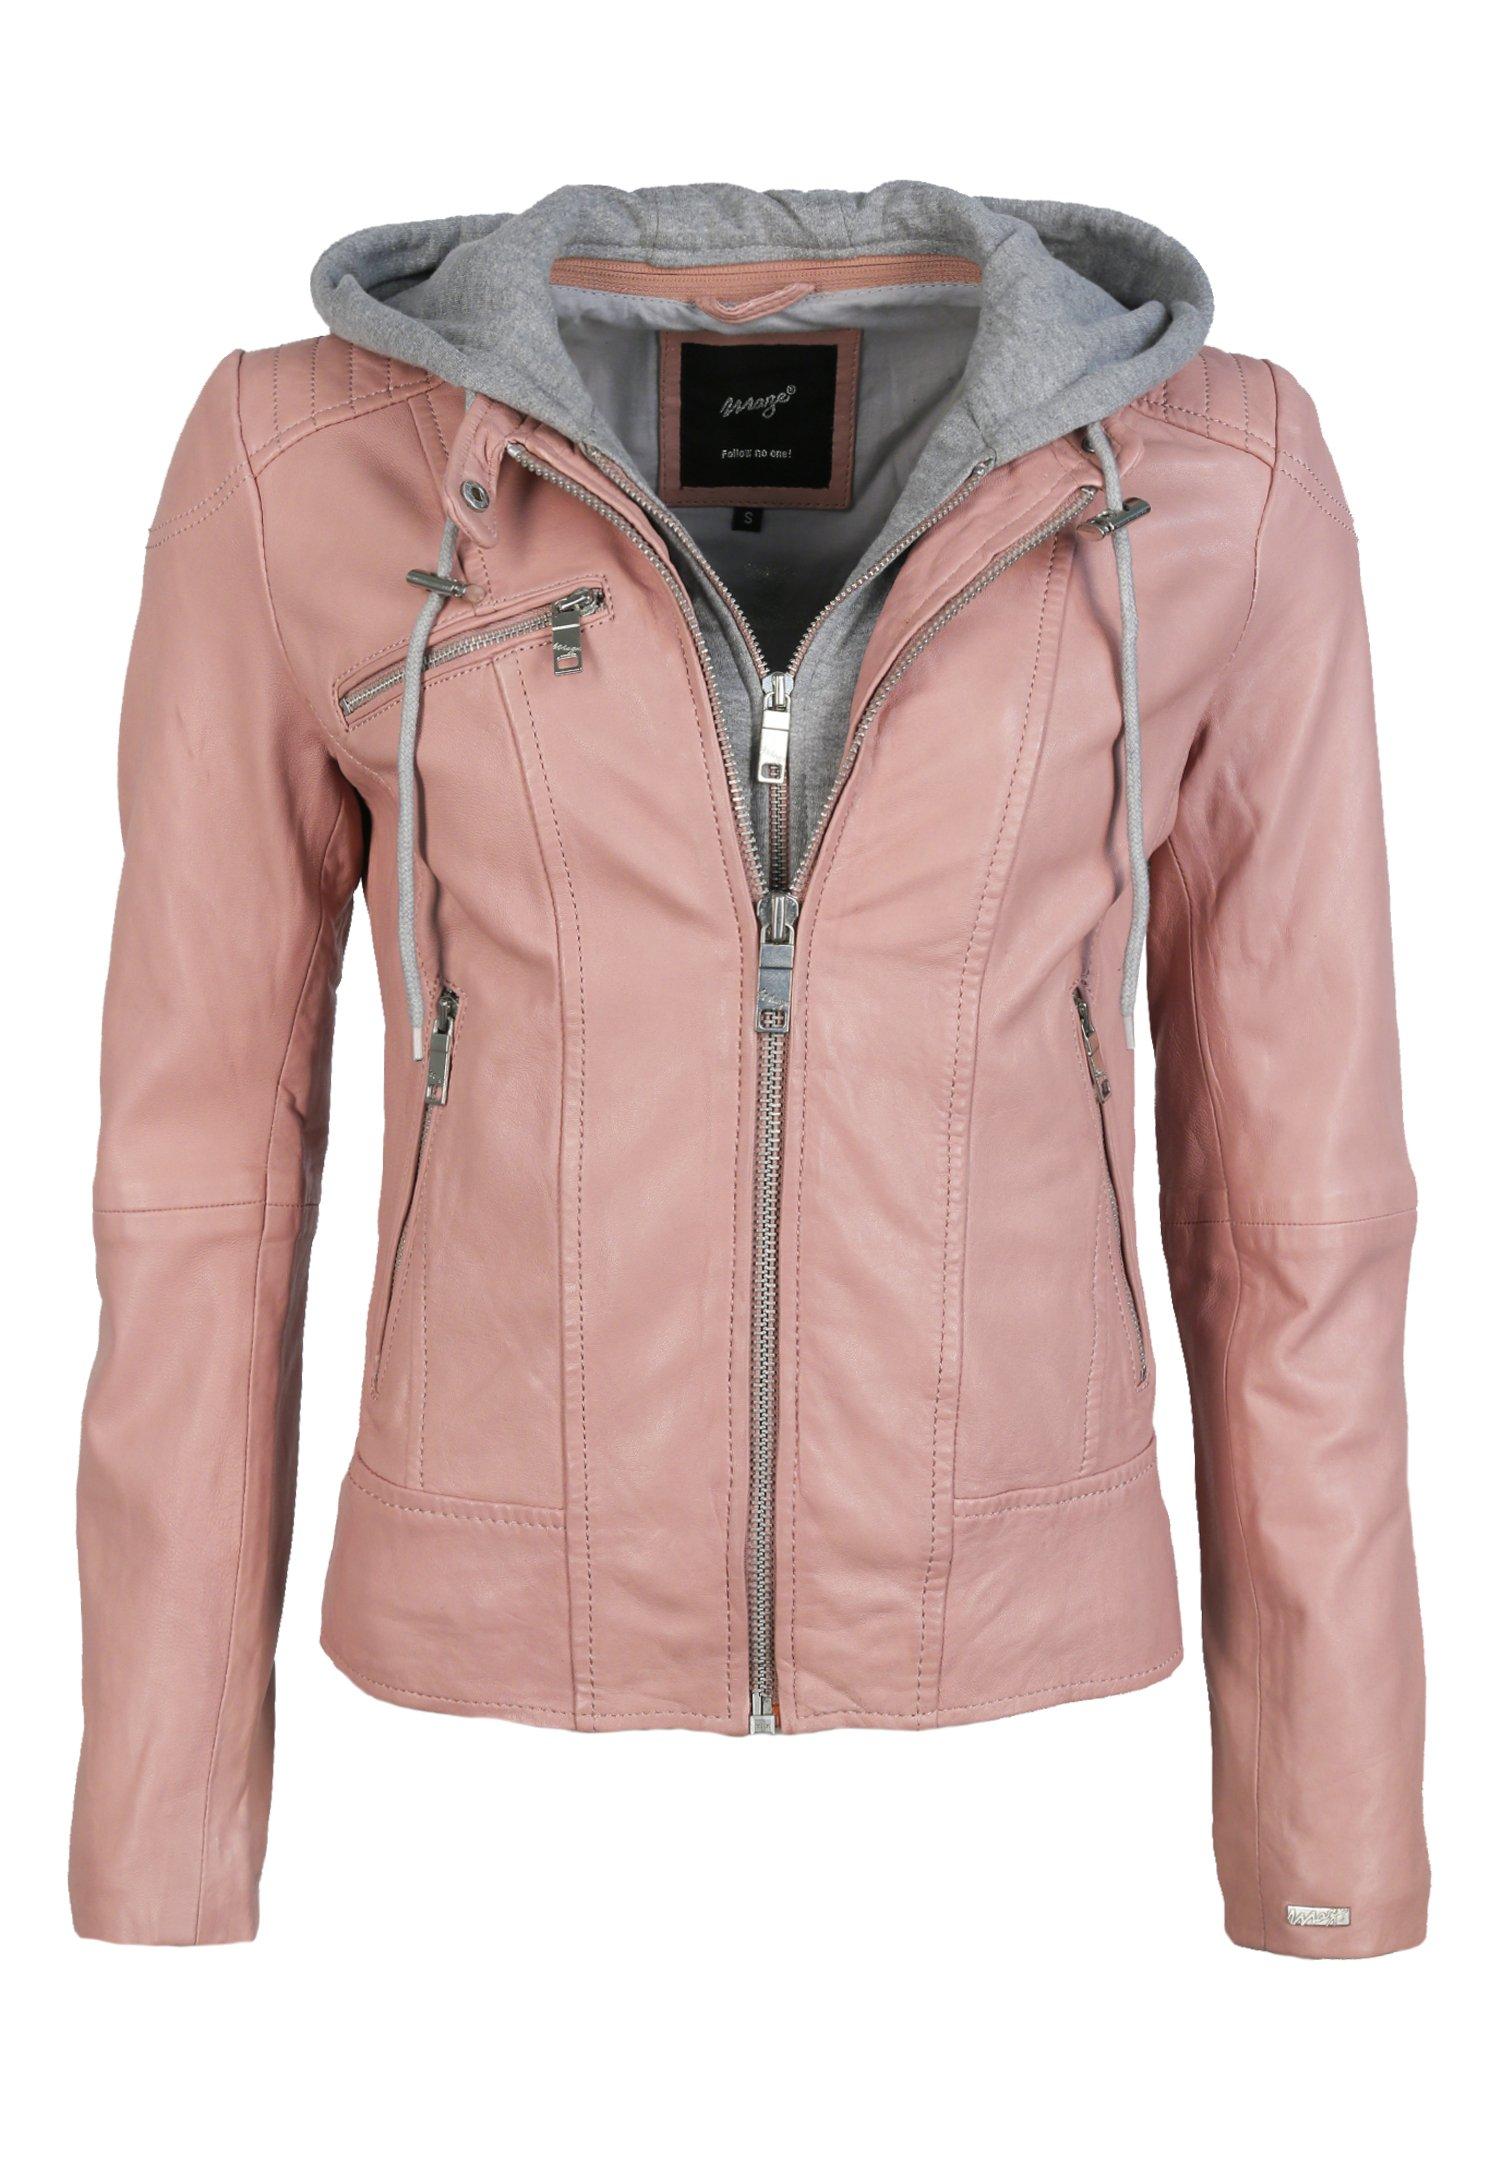 Roze Leren jassen dames online kopen | Gratis verzending